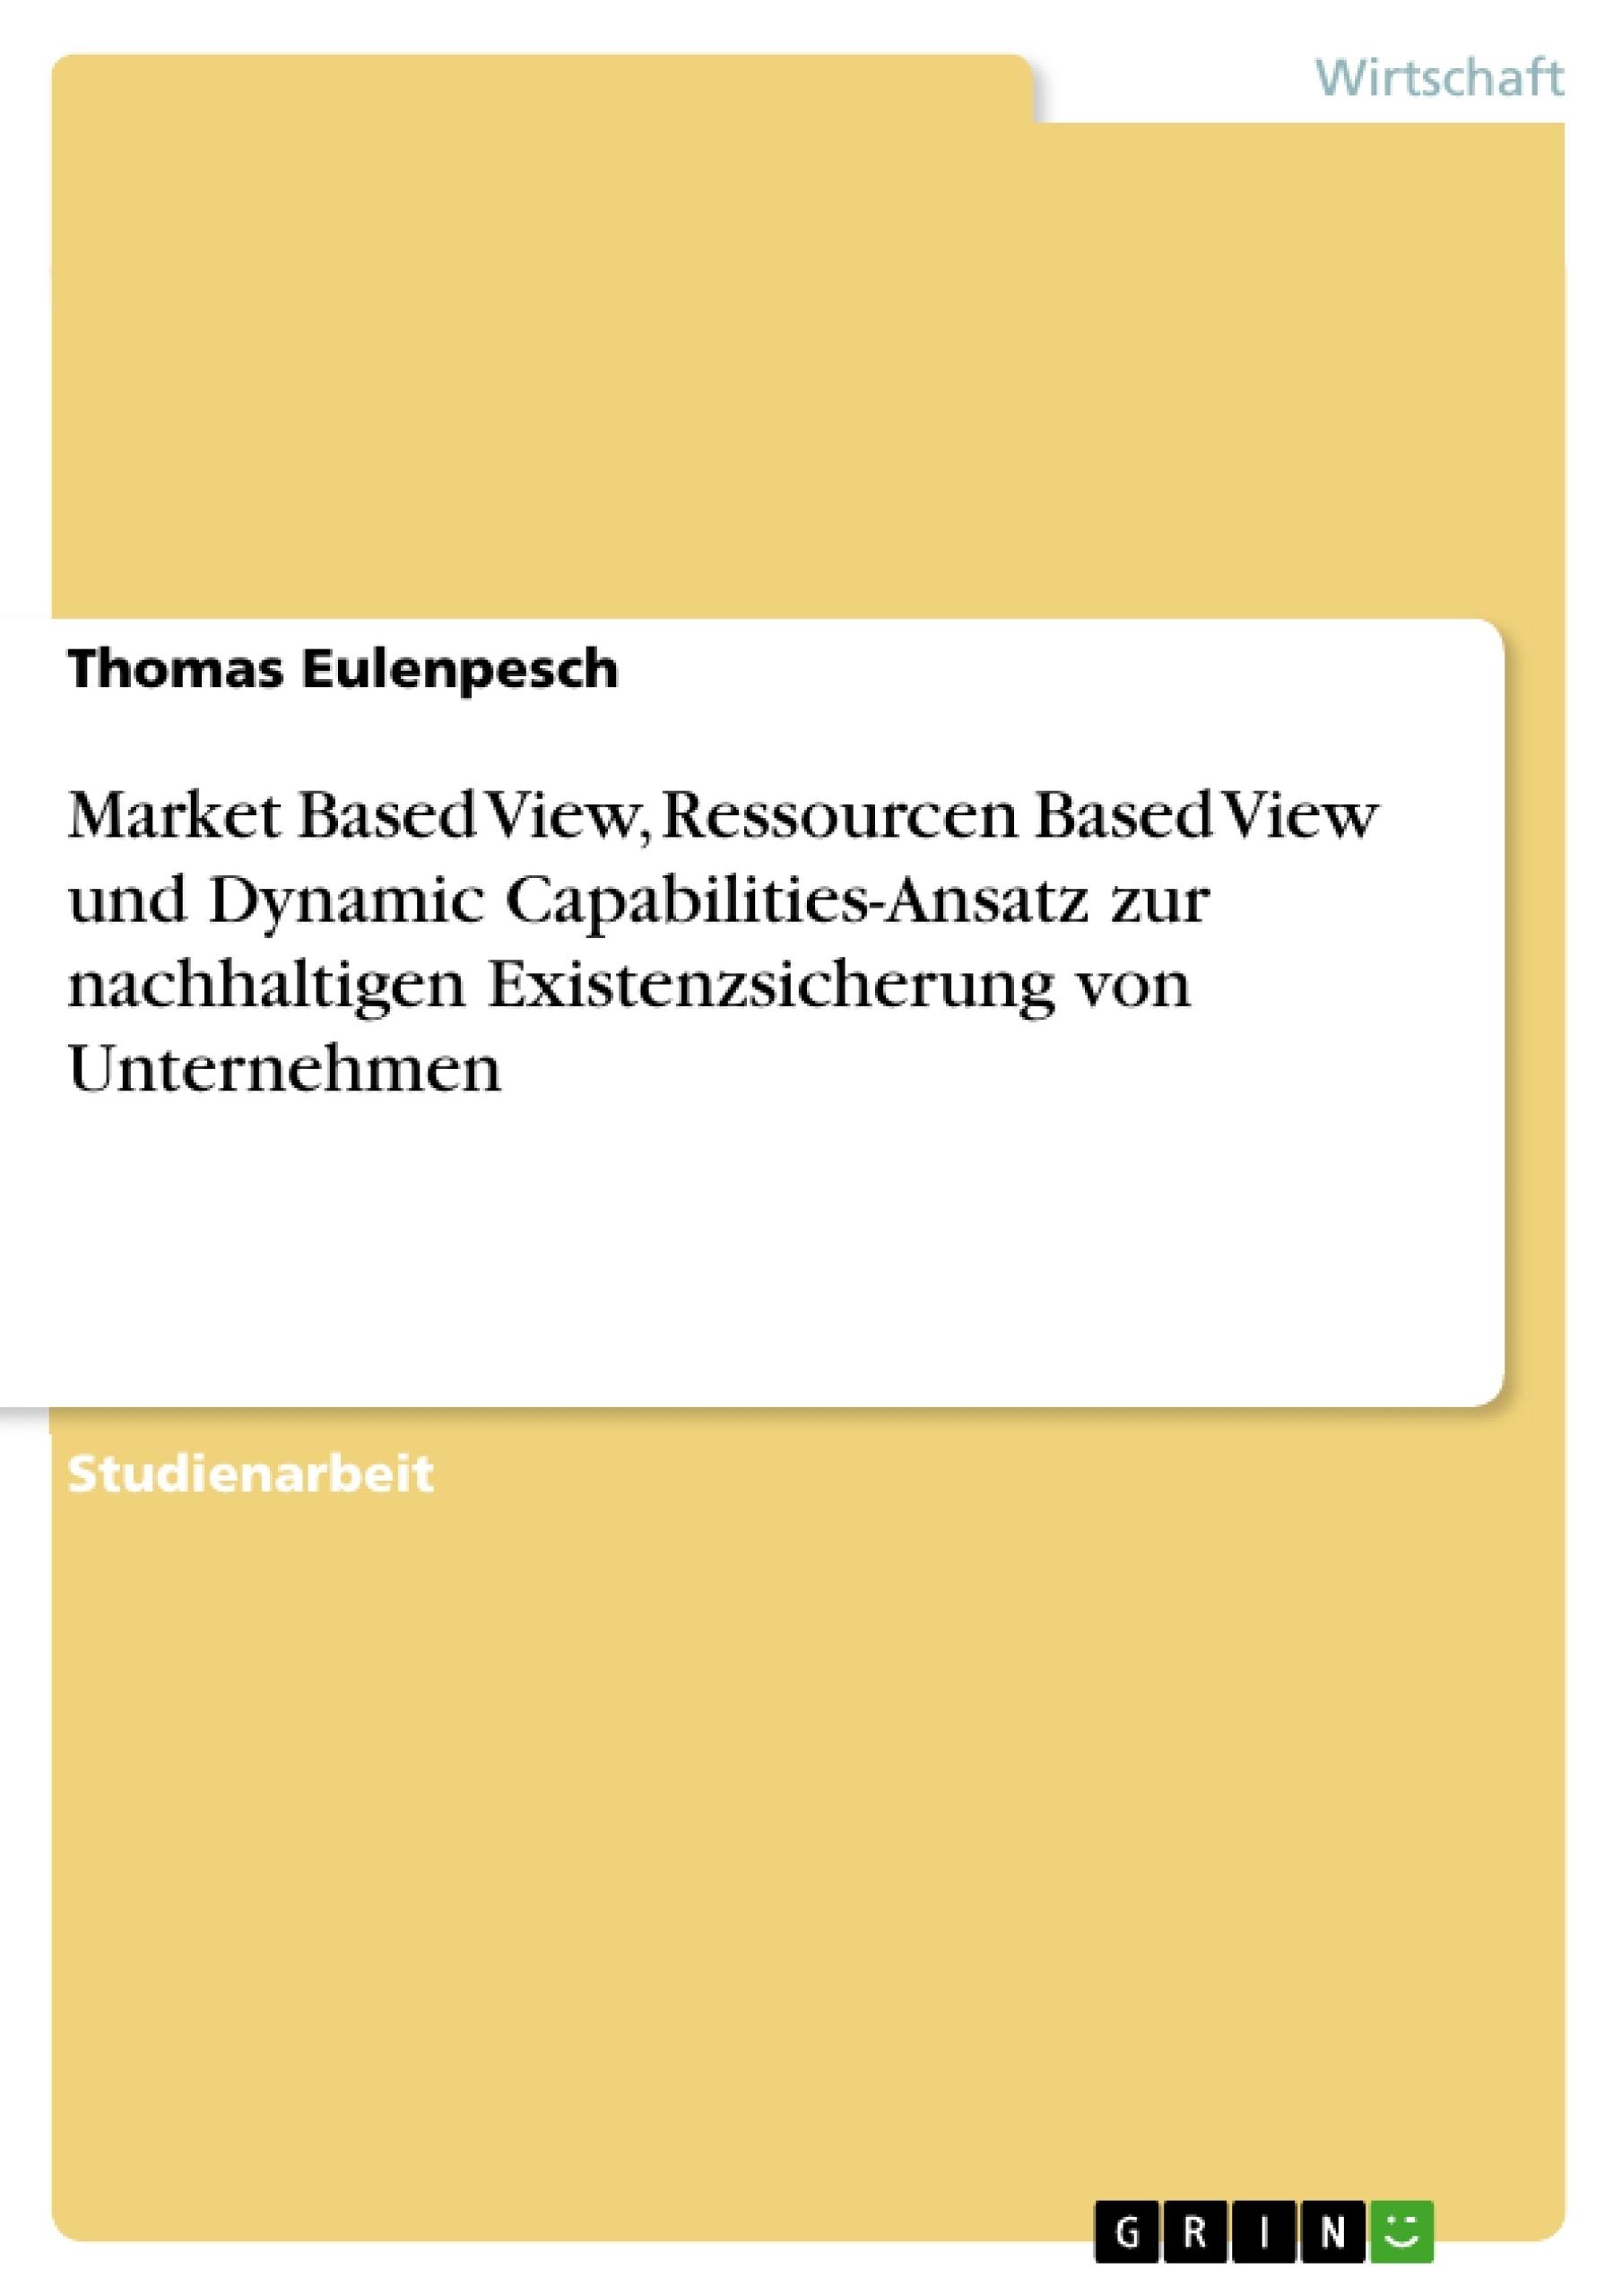 Titel: Market Based View, Ressourcen Based View und Dynamic Capabilities-Ansatz zur nachhaltigen Existenzsicherung von Unternehmen